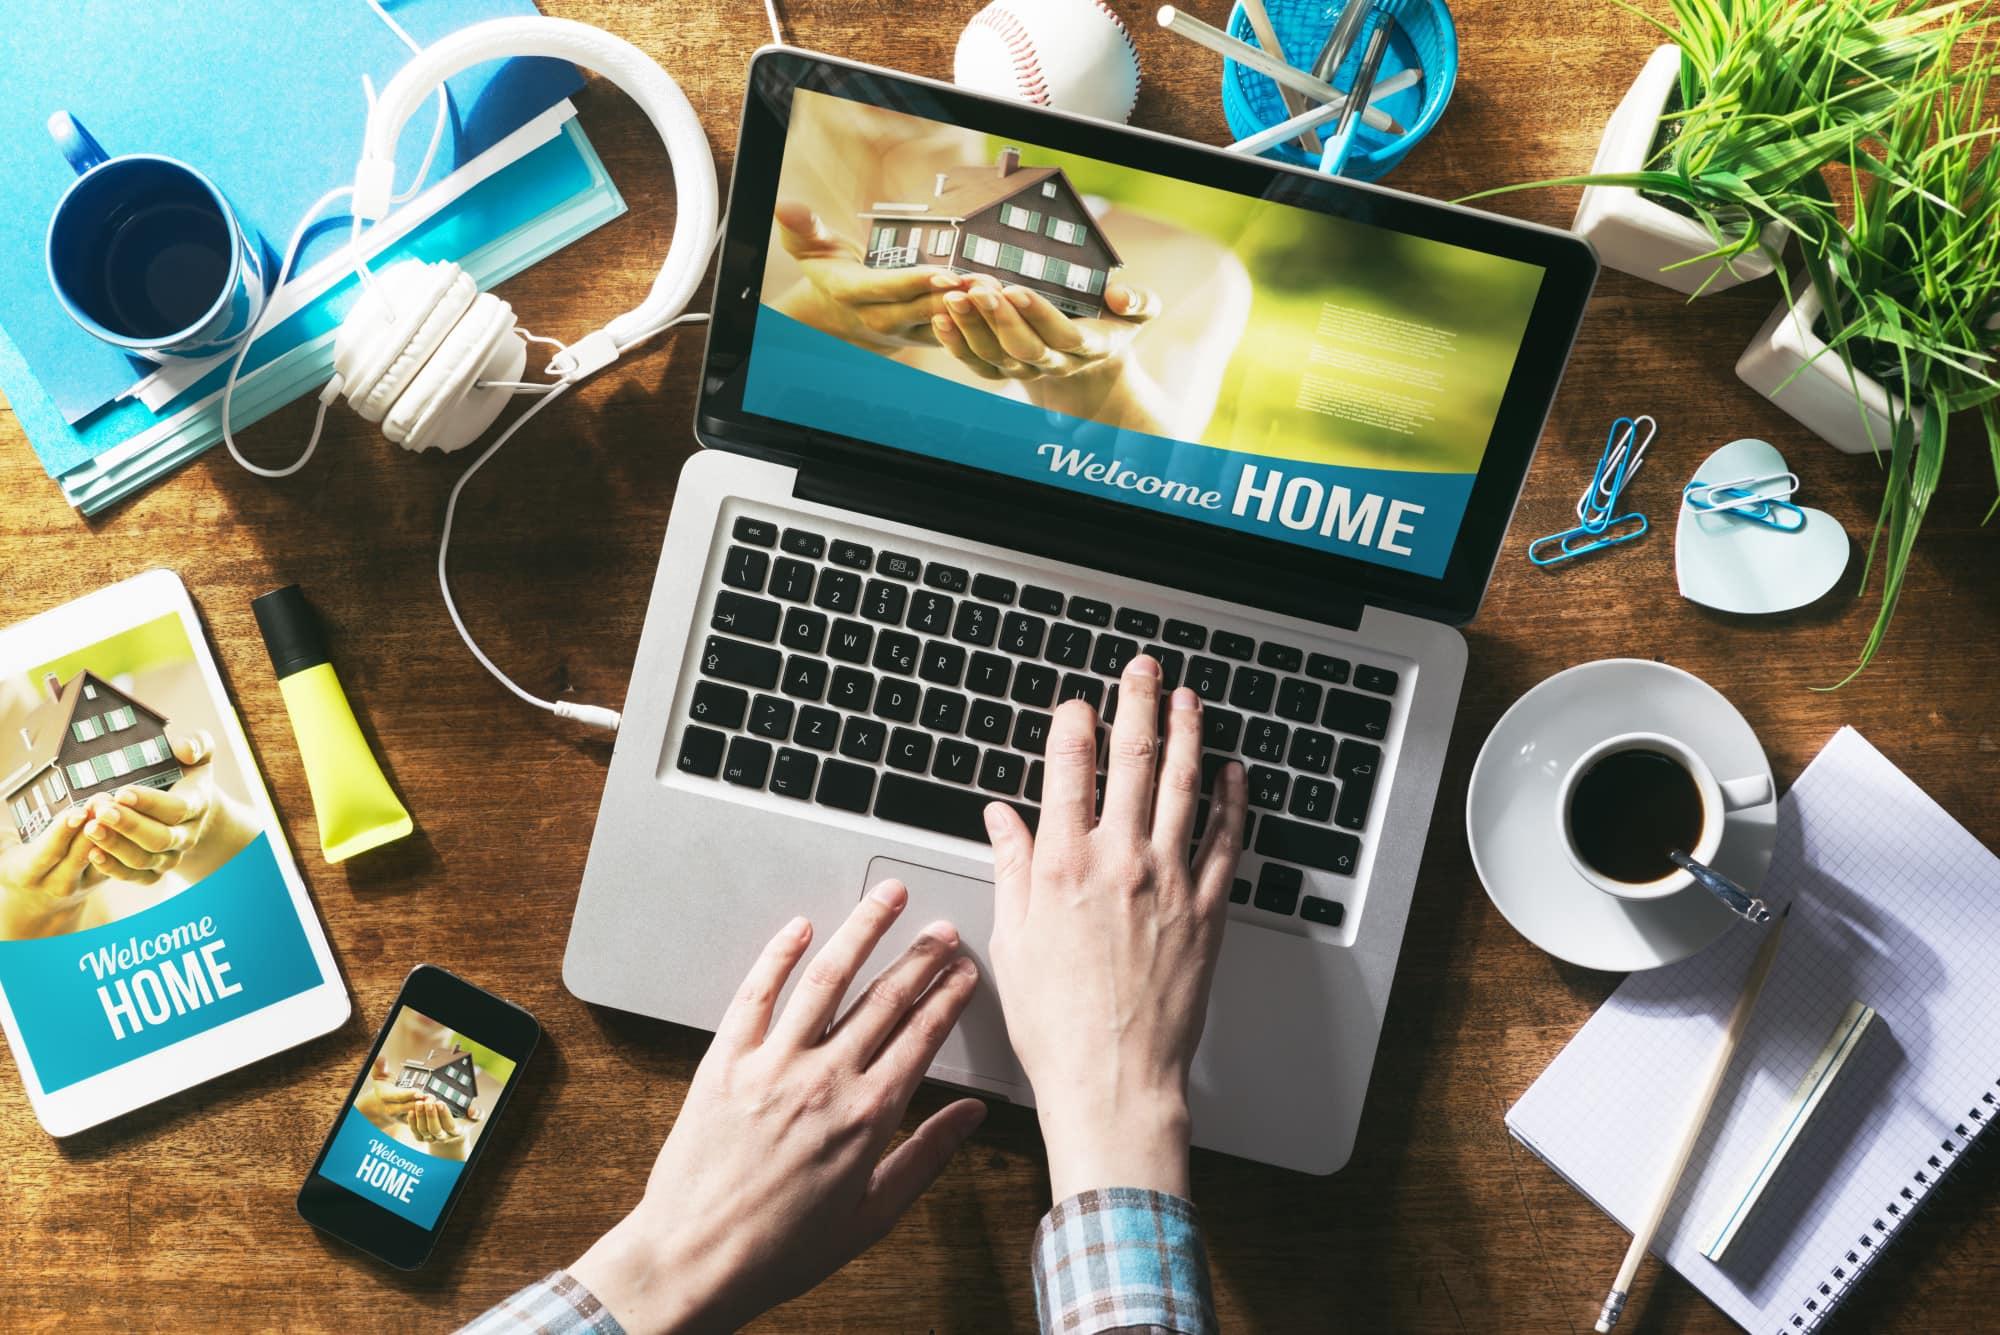 TOP TIPS OF DESIGNING AMAZING IDX WEBSITES